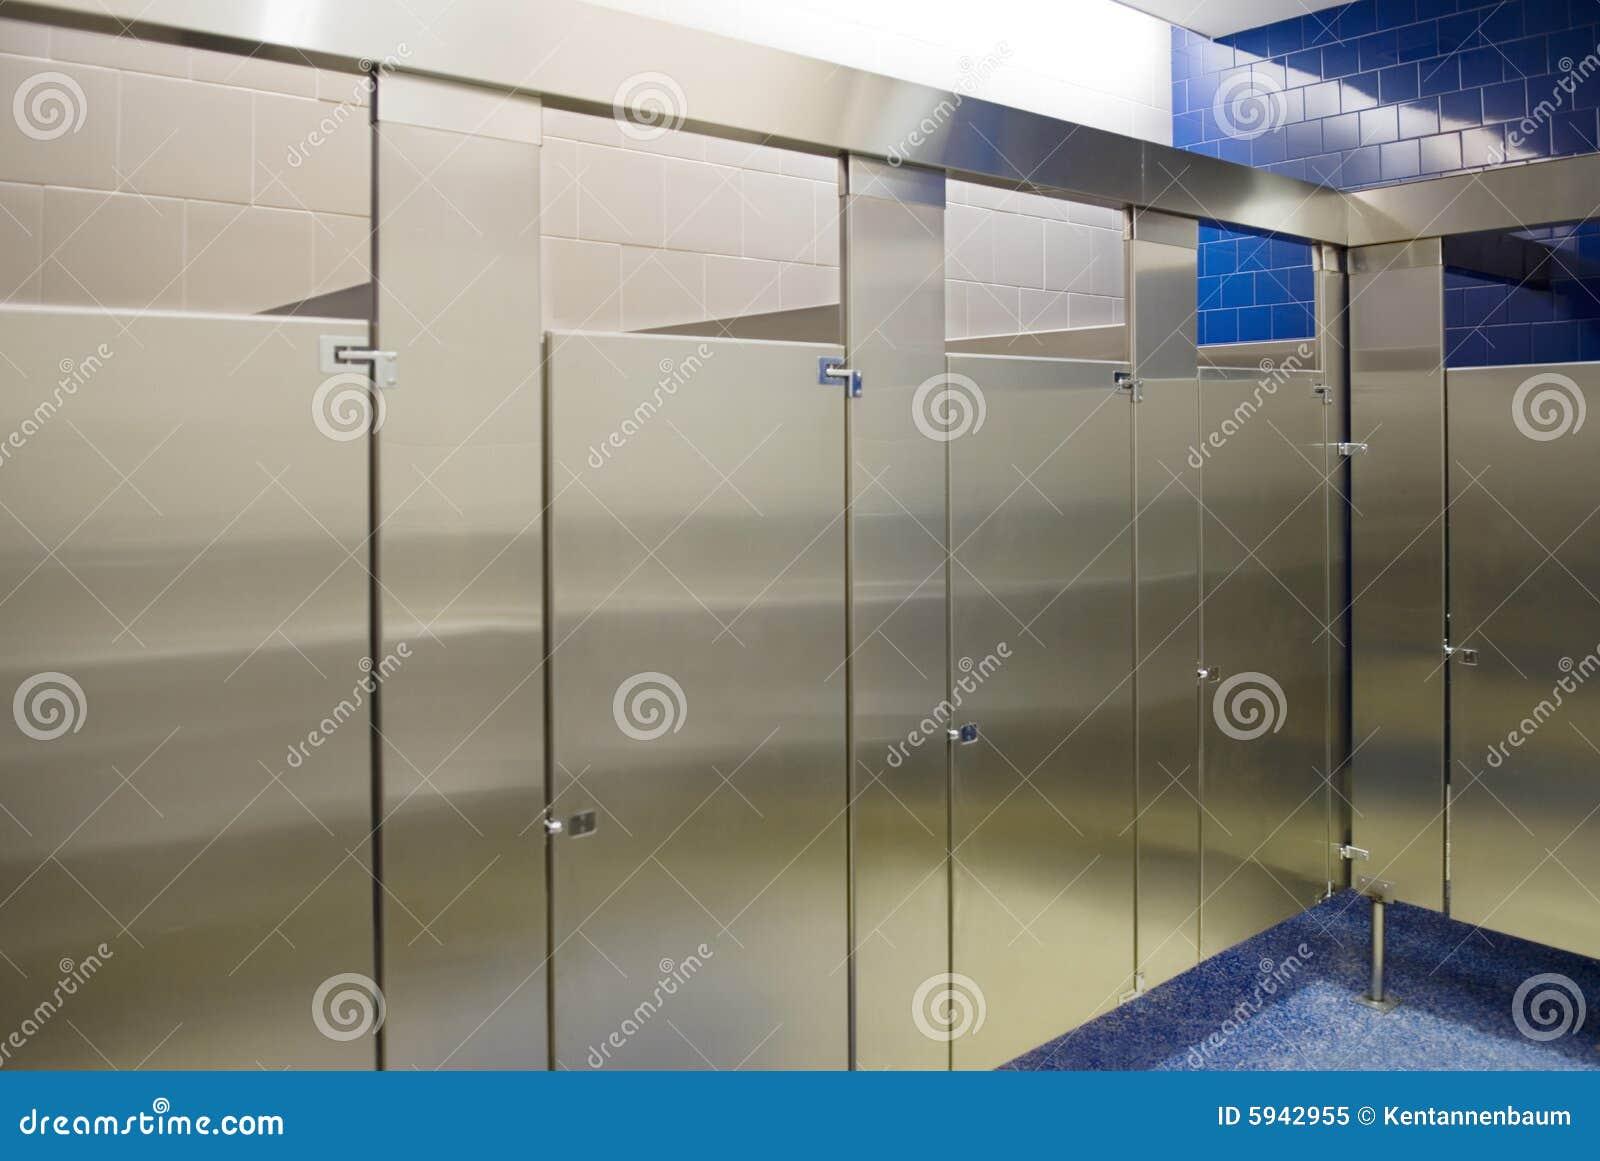 все занятые ванной комнатой стойлы публики